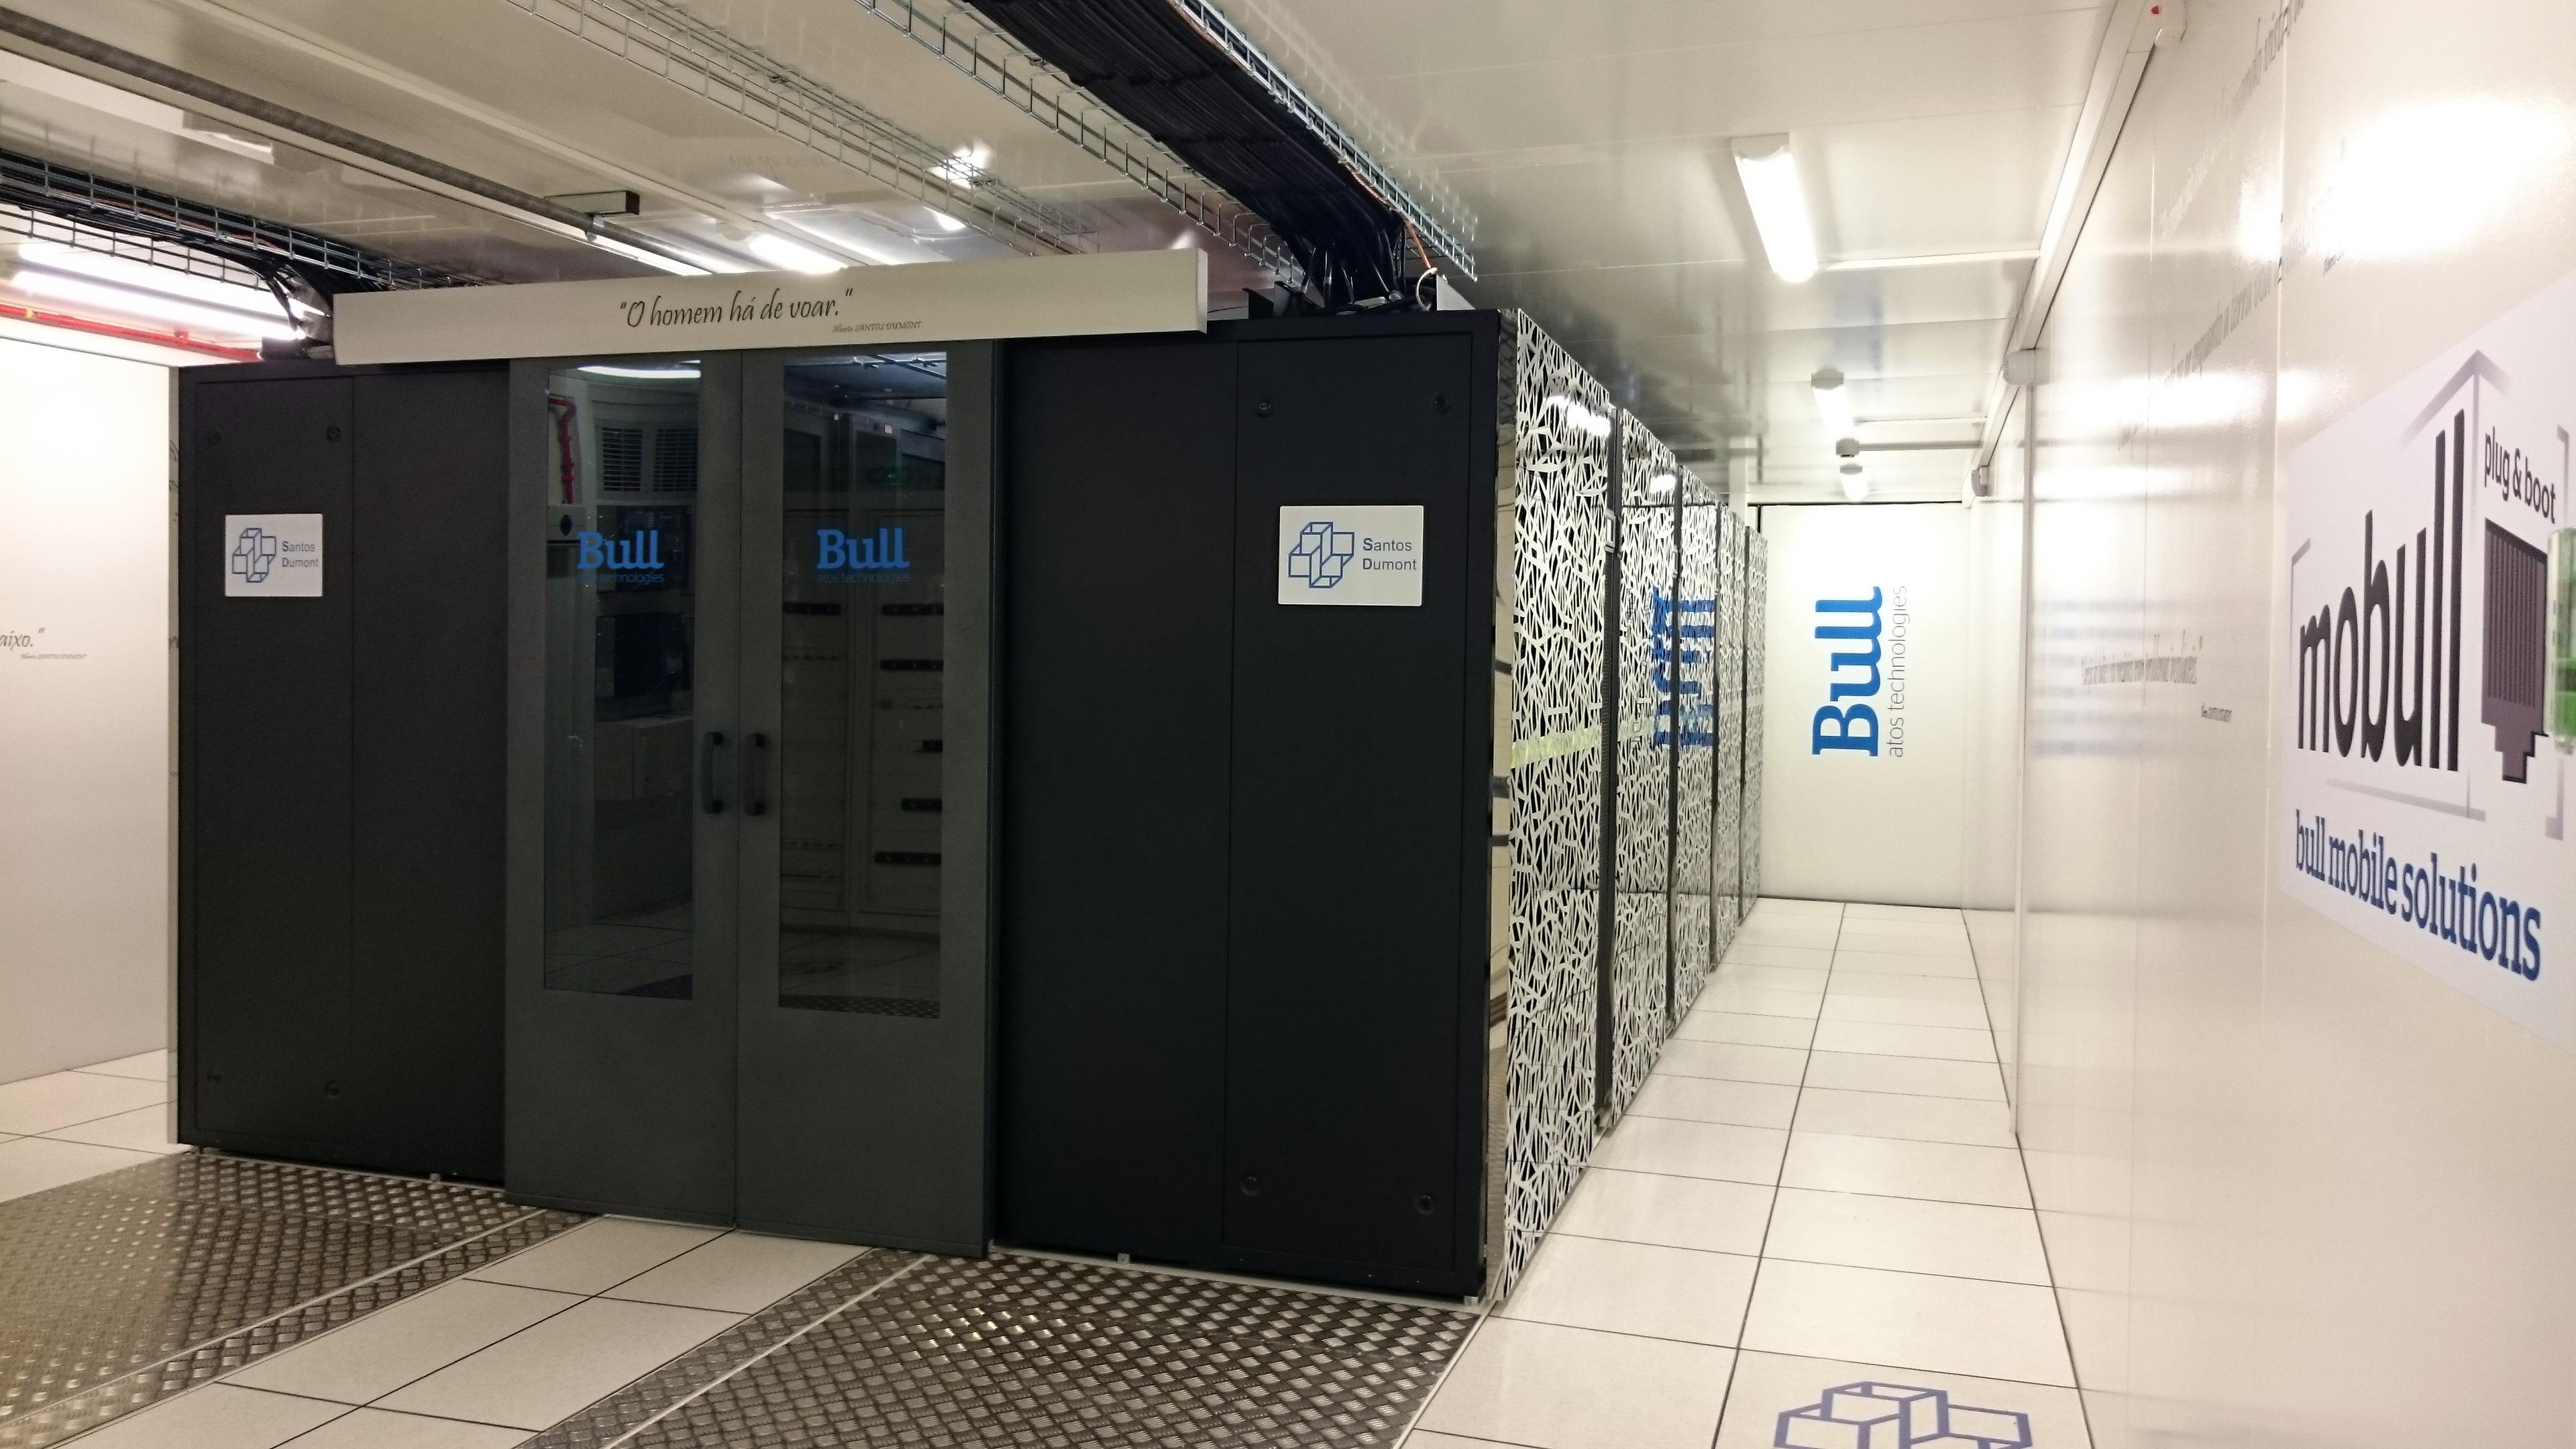 supercomputadorsantosdumont.jpg (3.64 MB)